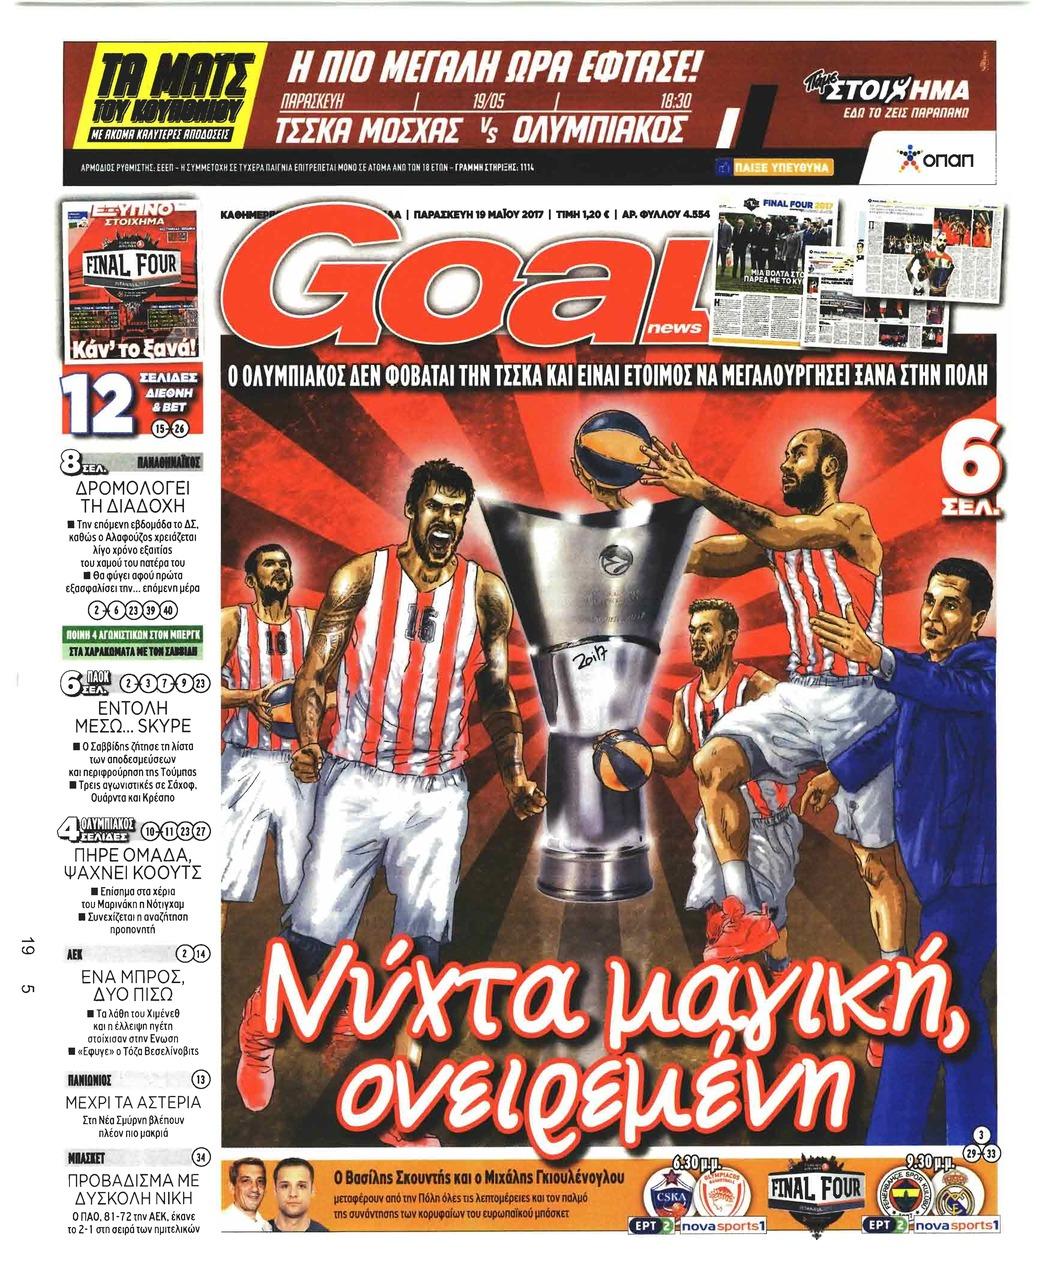 Πρωτοσέλιδο εφημερίδας GoalNews